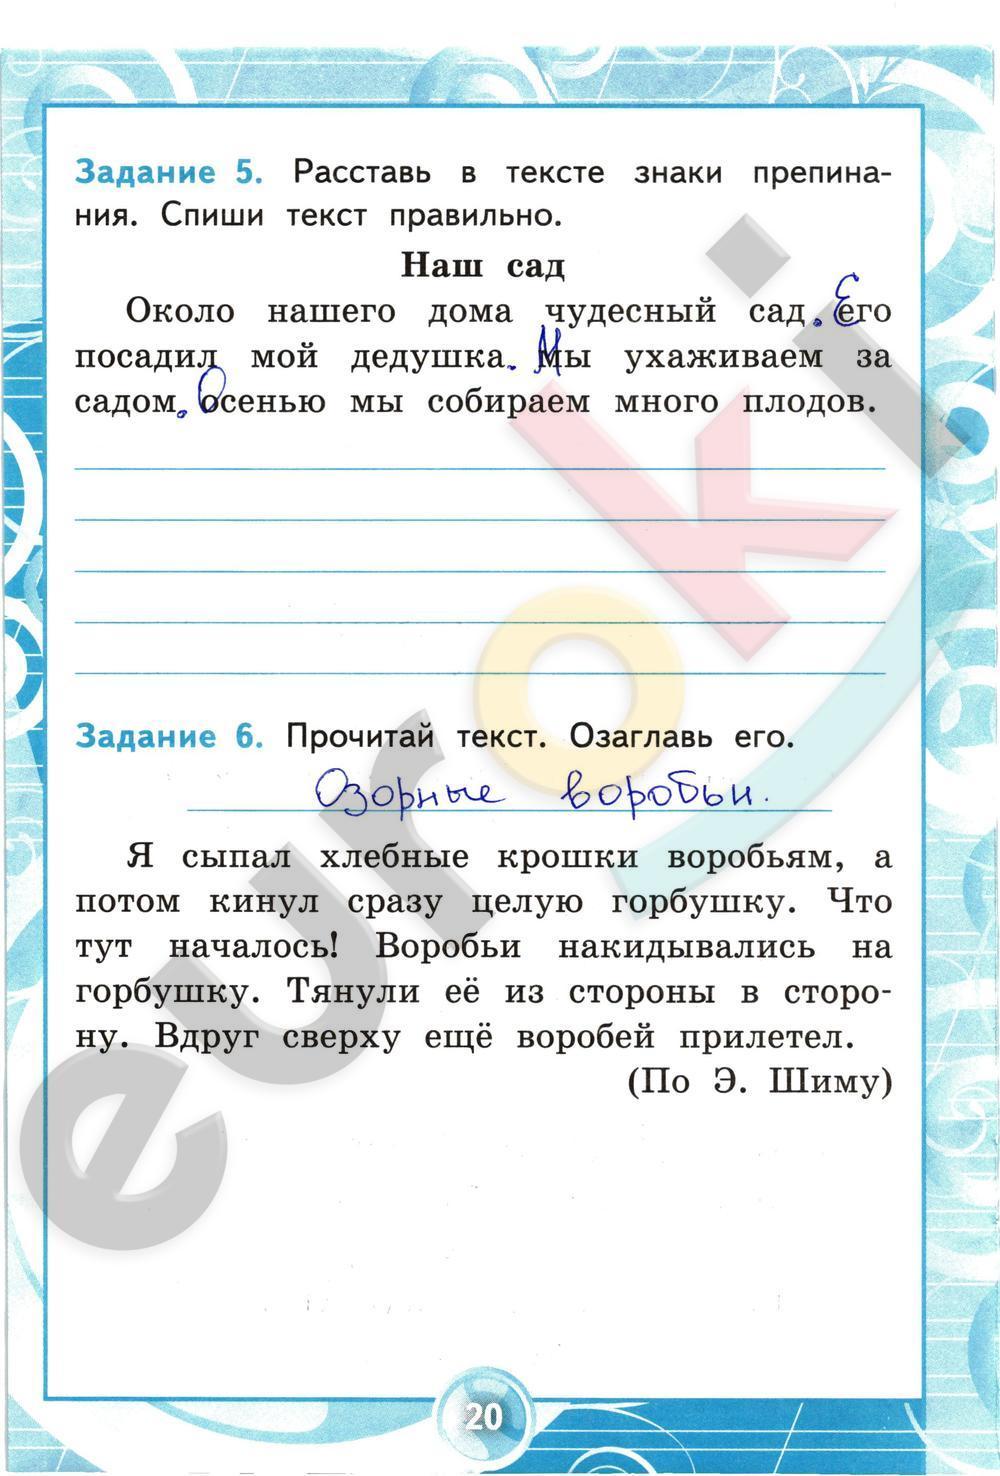 Решебник к контрольной работе по русскому 4 класс крылова